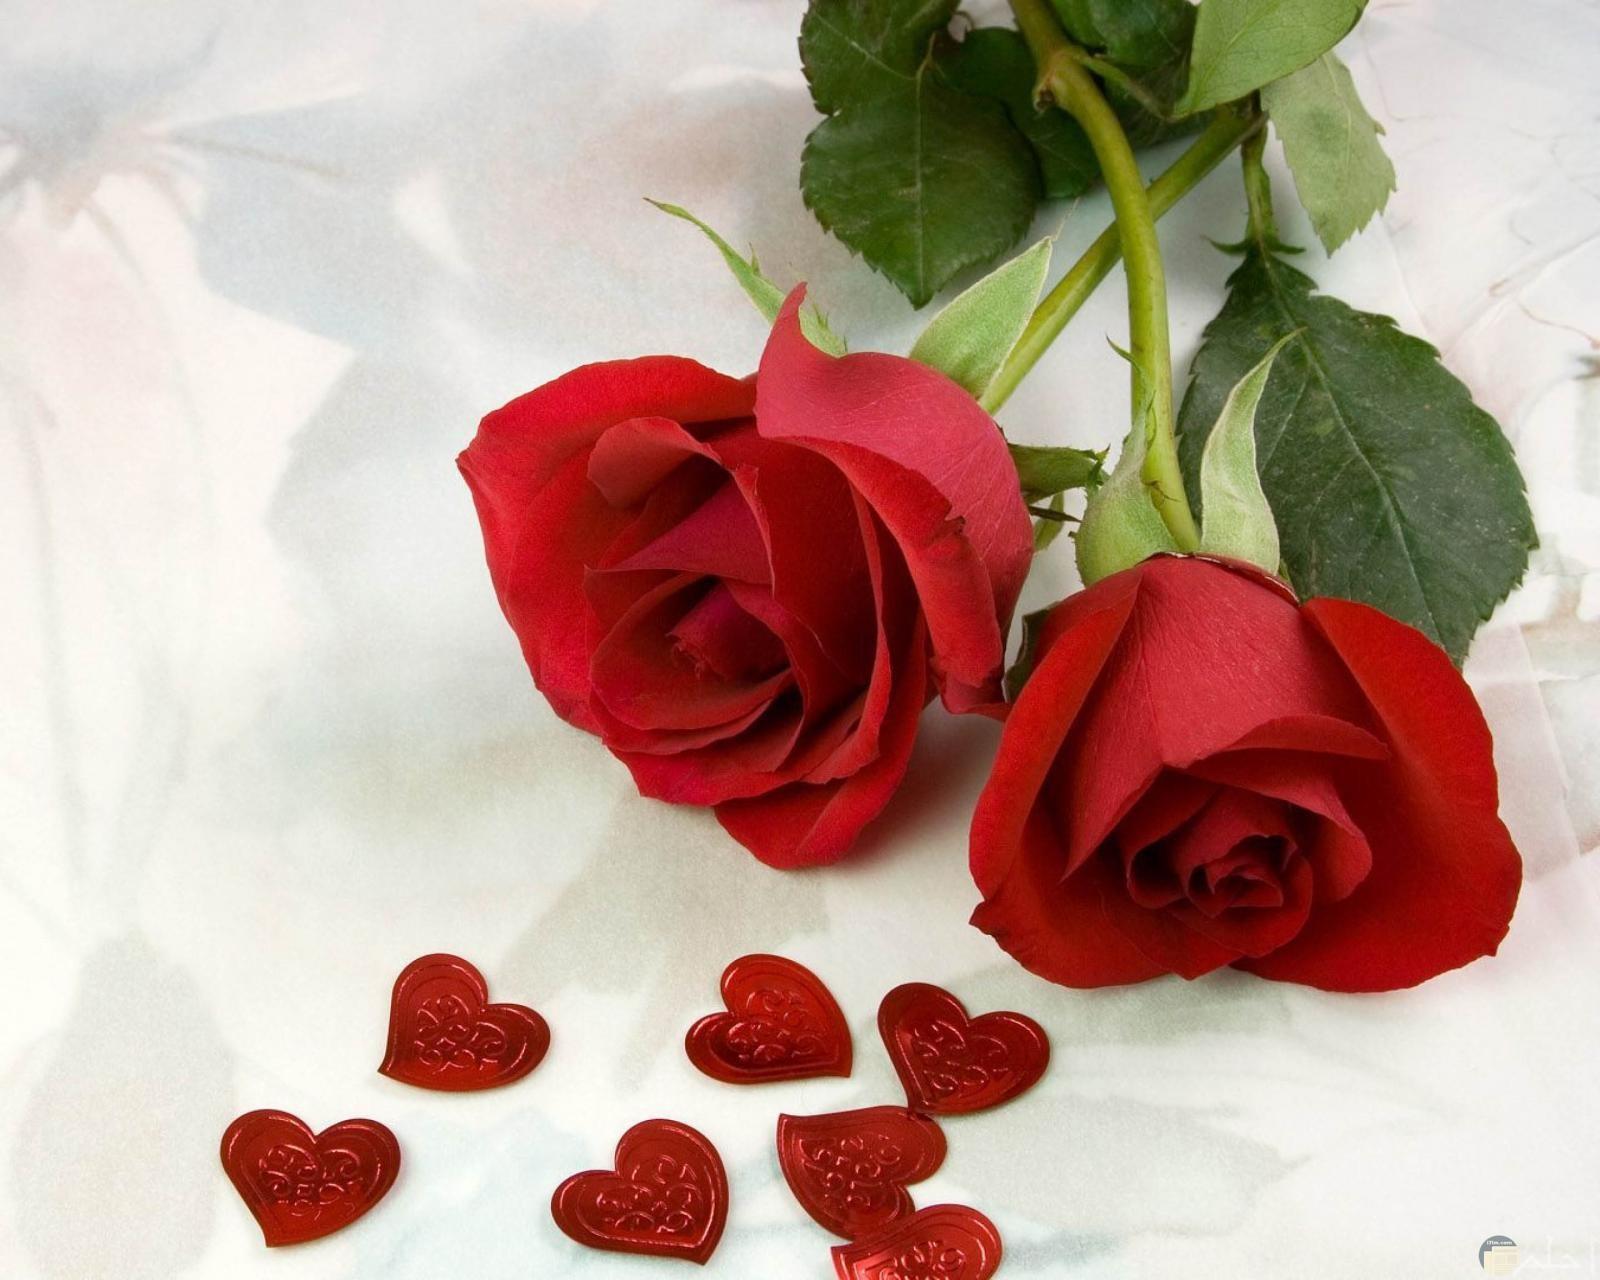 زهور مع قلوب حمرا